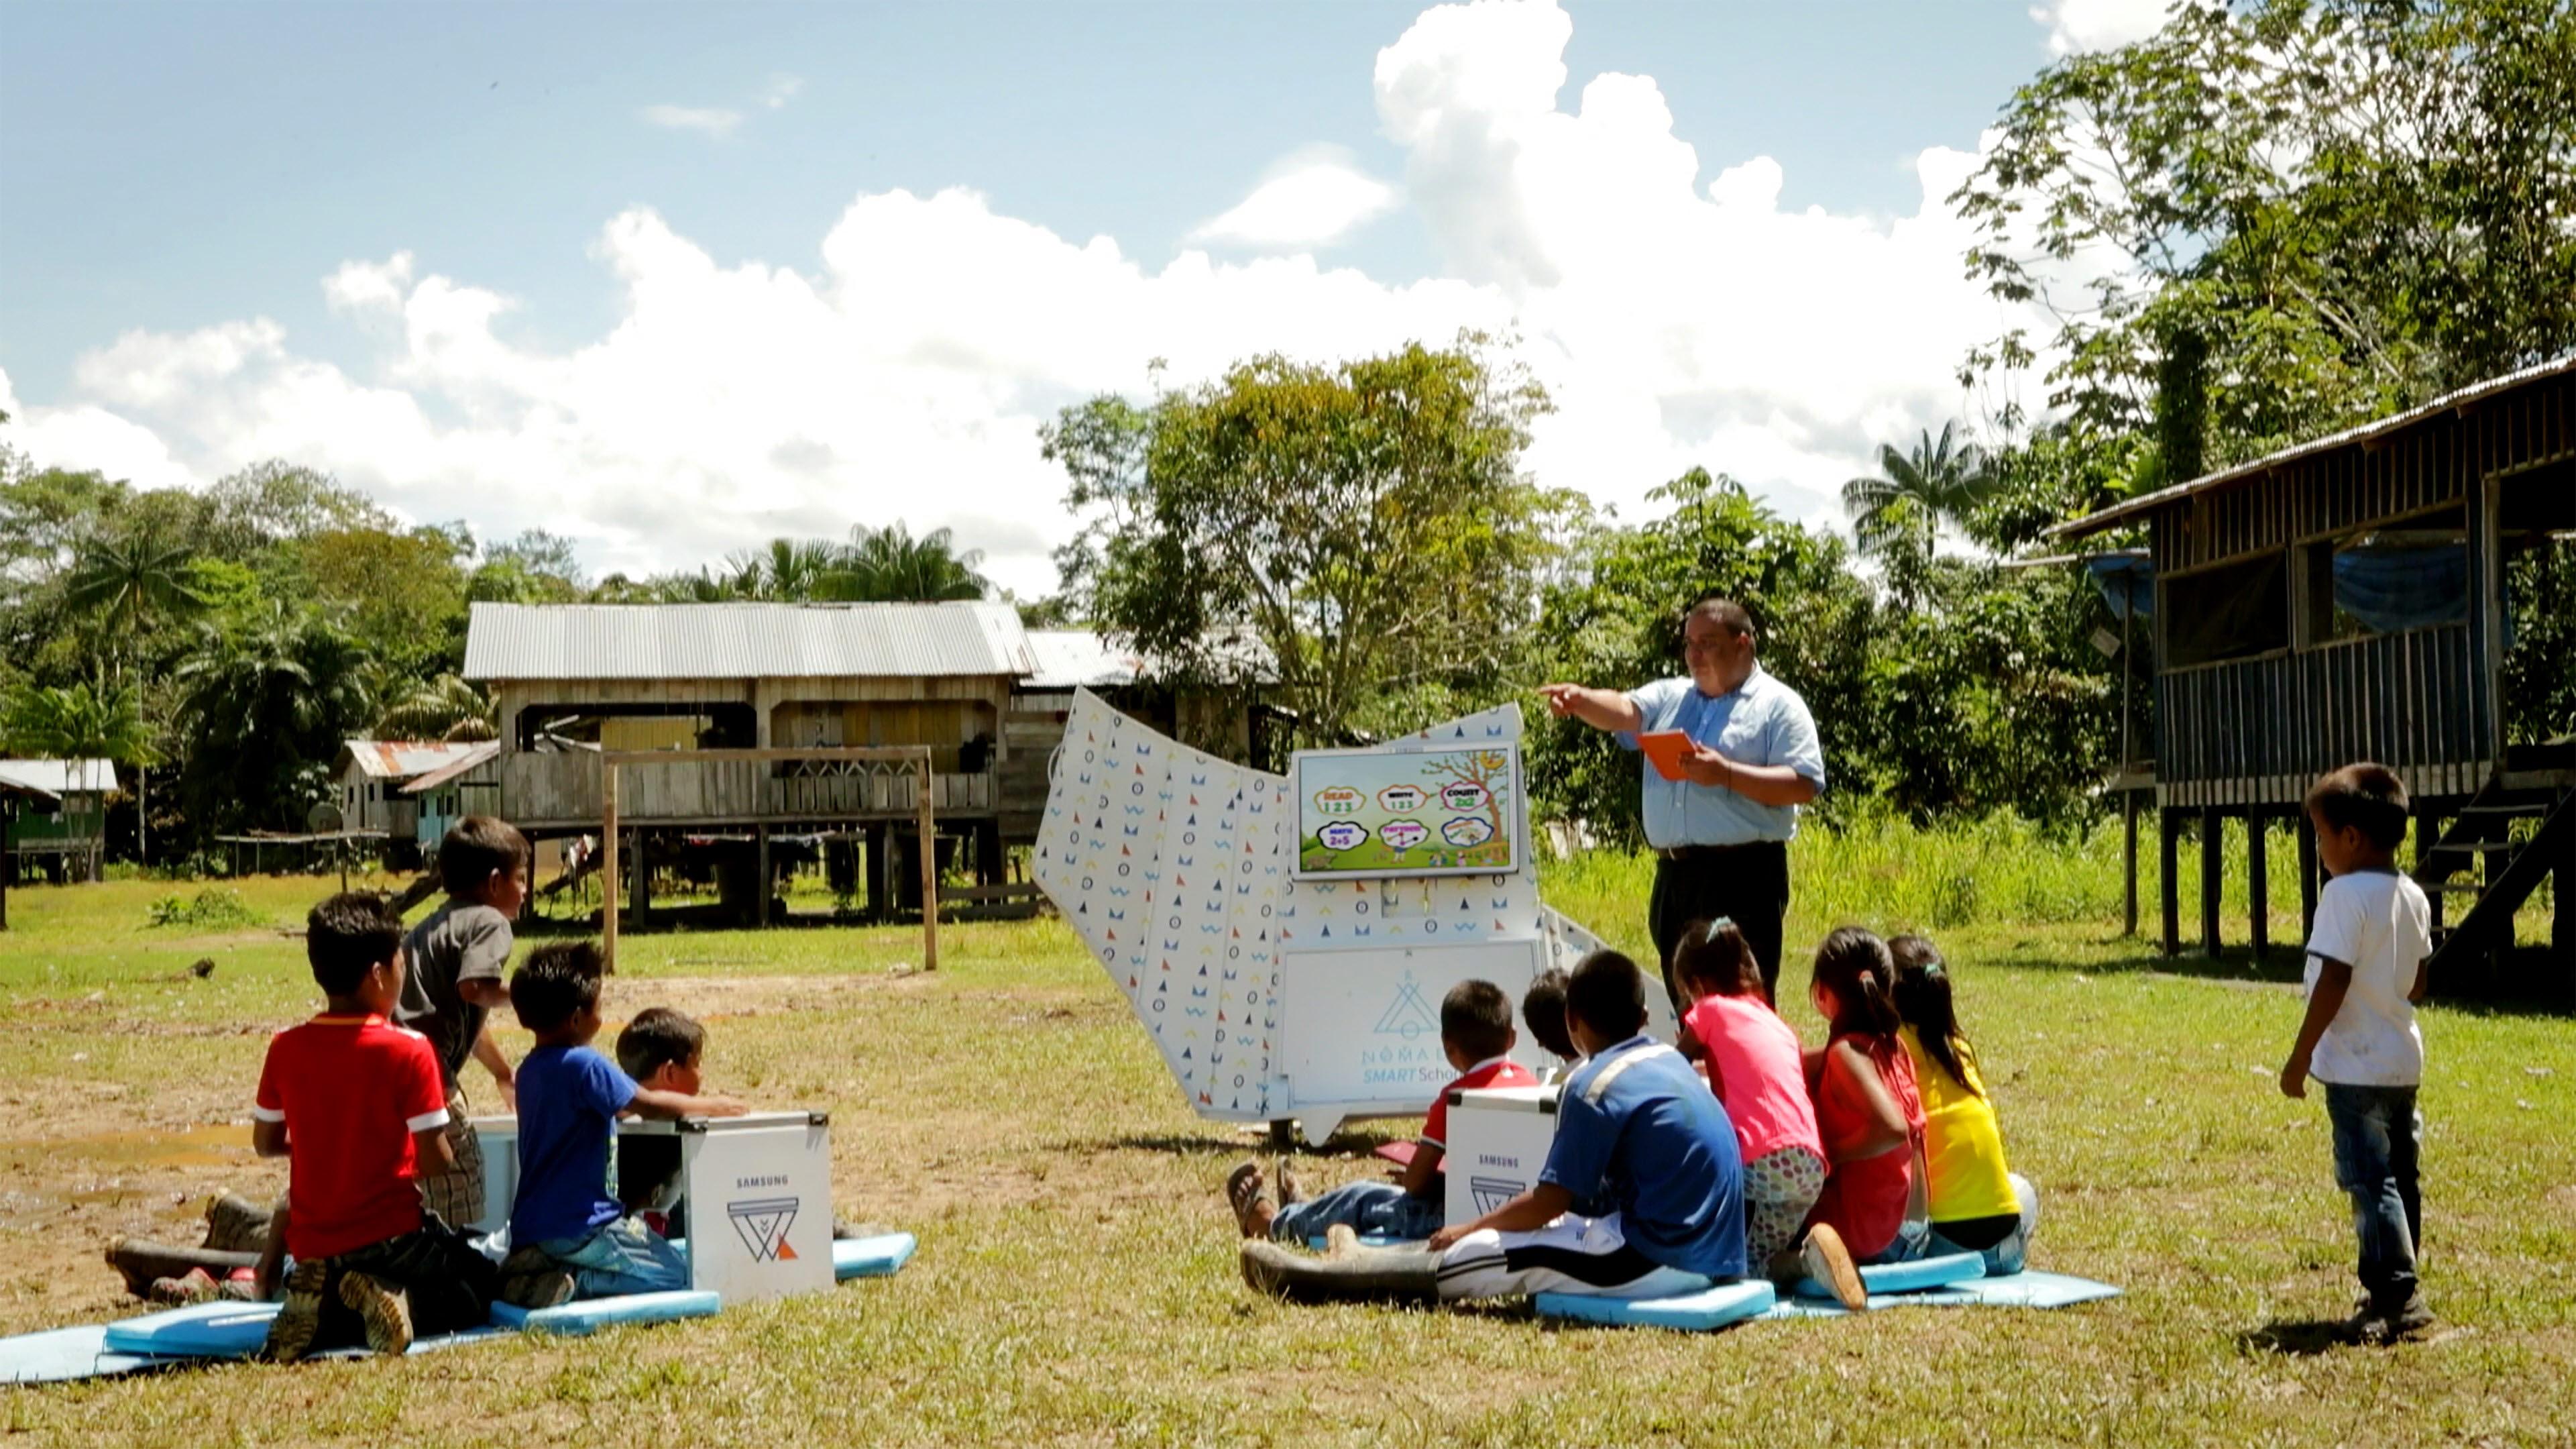 중남미 오지 어린이들을 위한 신개념 이동형 교육 솔루션 공개